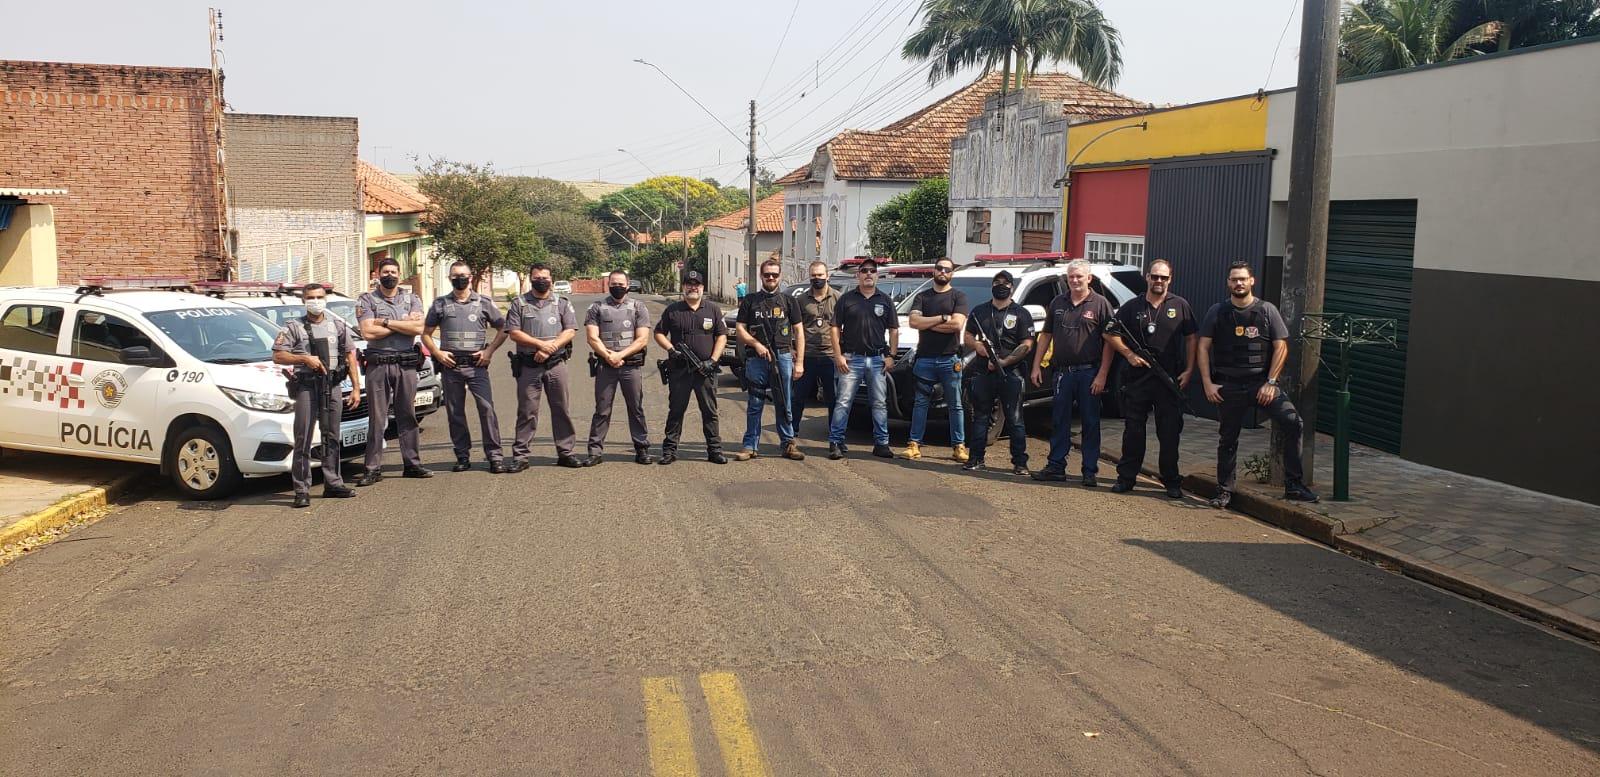 GOE e PM prendem vários por tráfico de drogas em Dourado